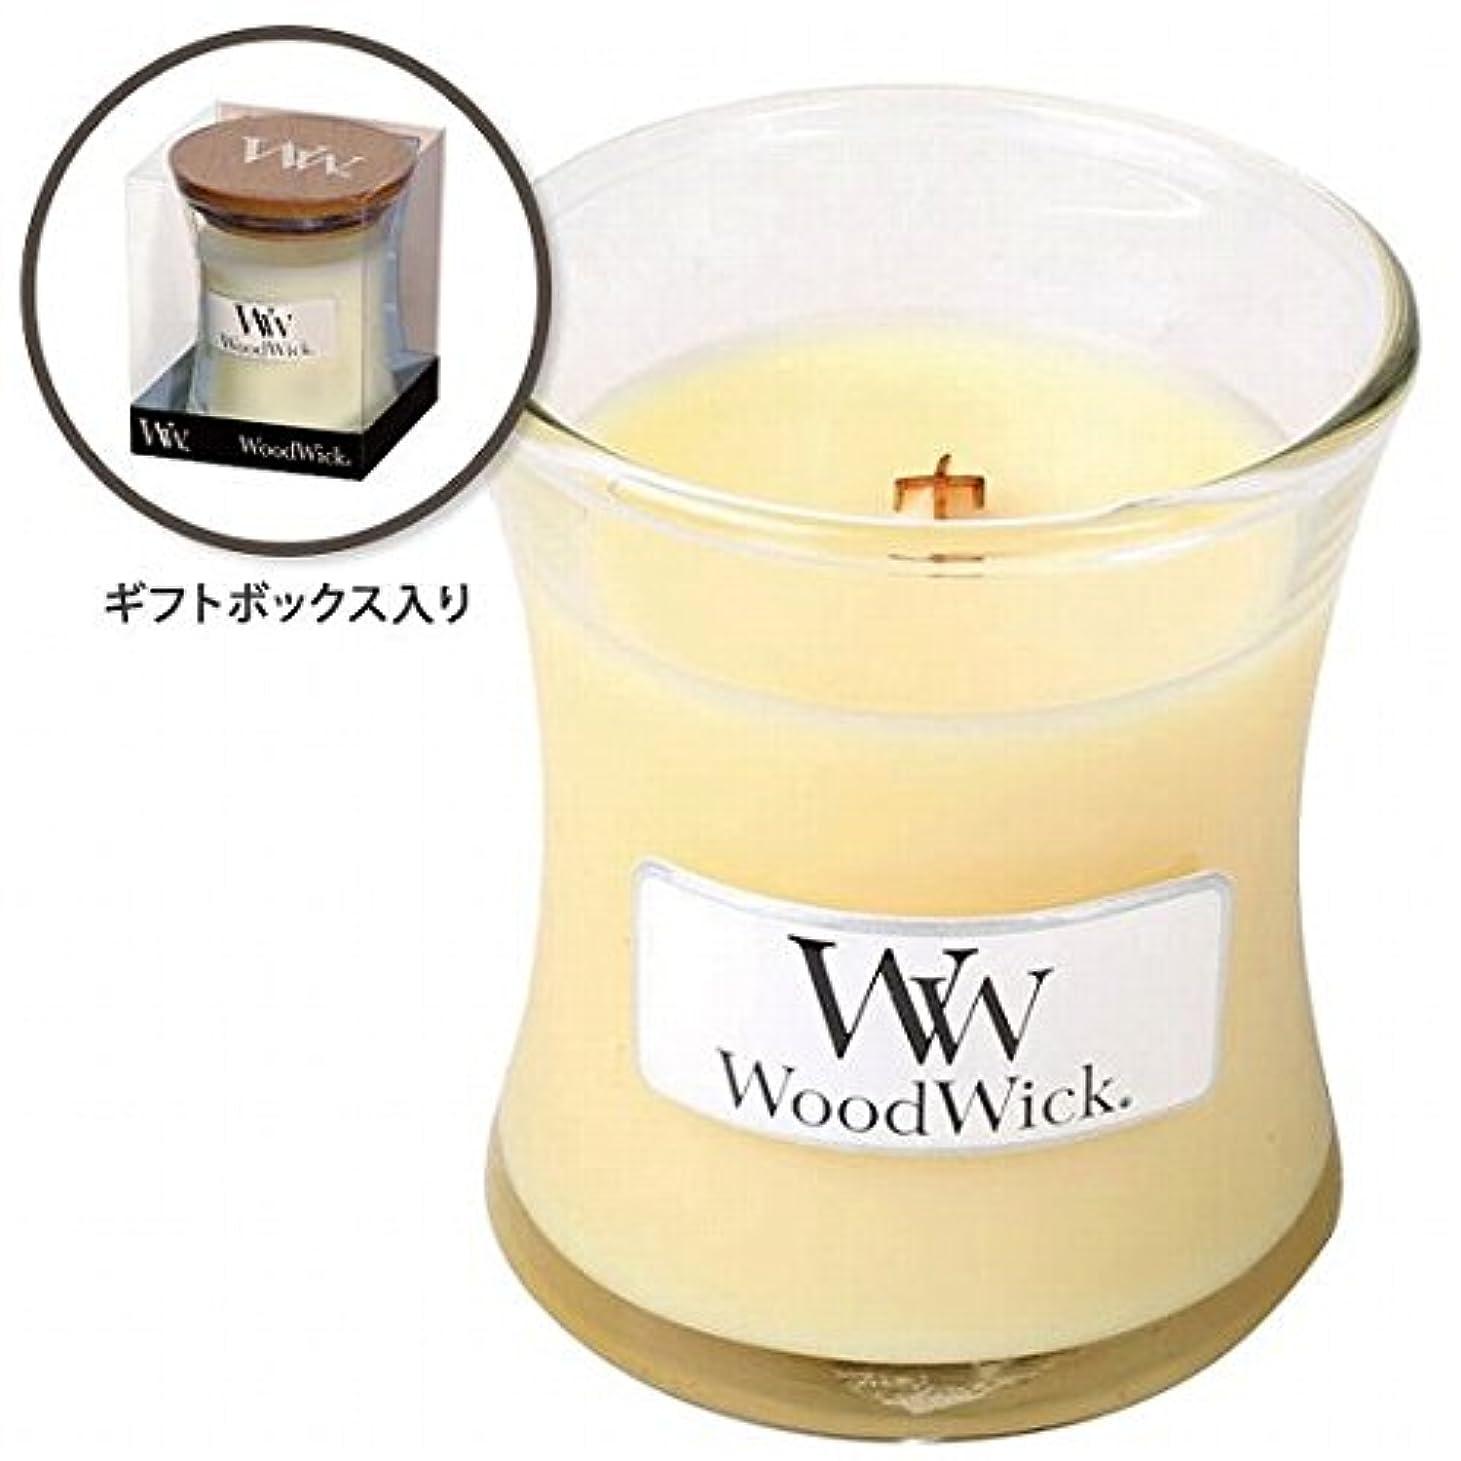 速報悪用プレゼントWoodWick(ウッドウィック) Wood WickジャーS 「レモングラス&リリー」(W9000550)